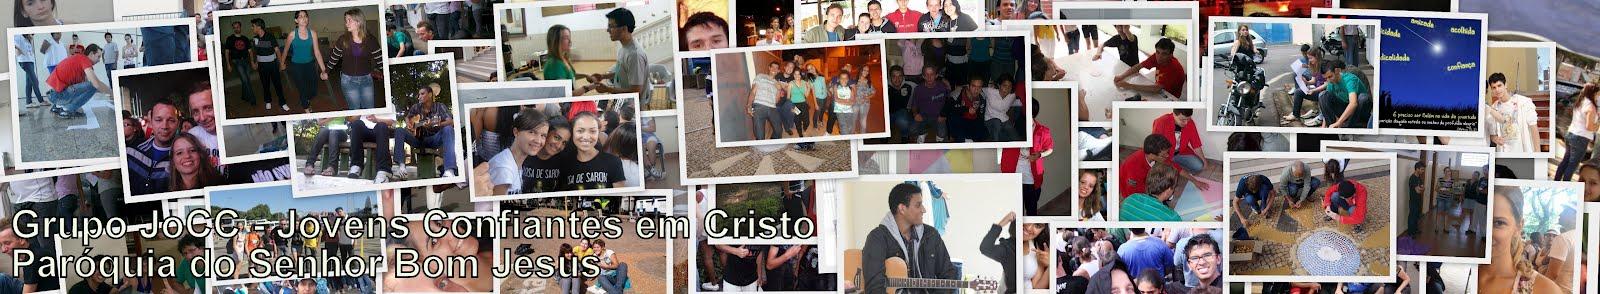 Grupo JOCC - Jovens Confiantes em Cristo